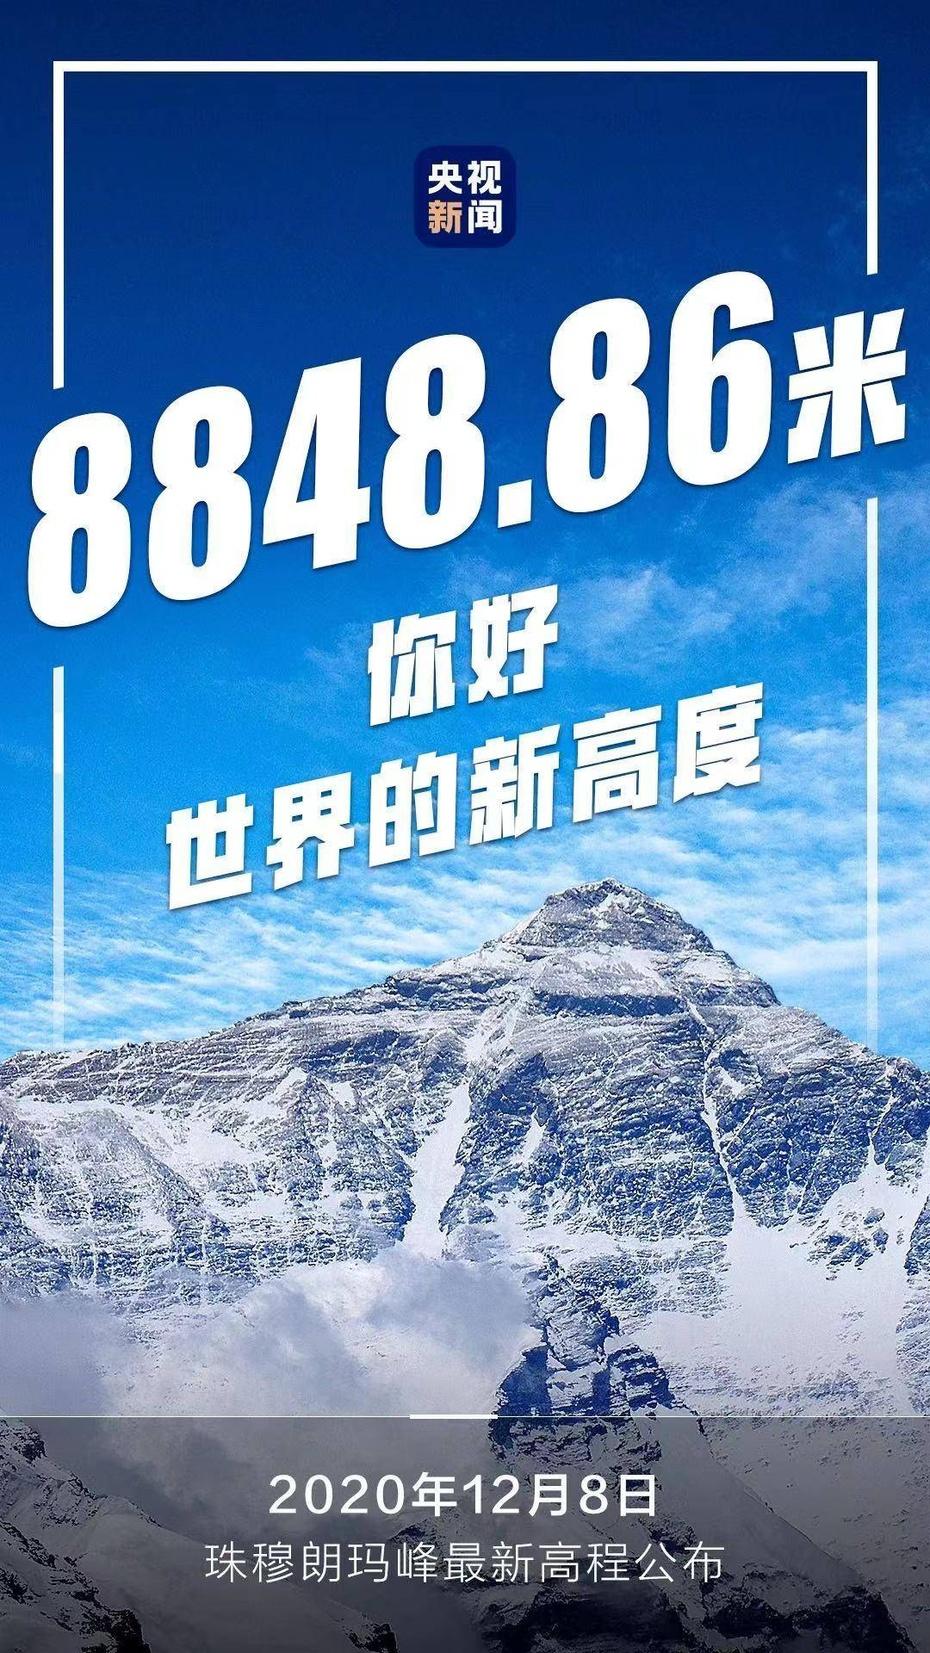 """8848.86米!珠峰为何""""长高了""""?"""